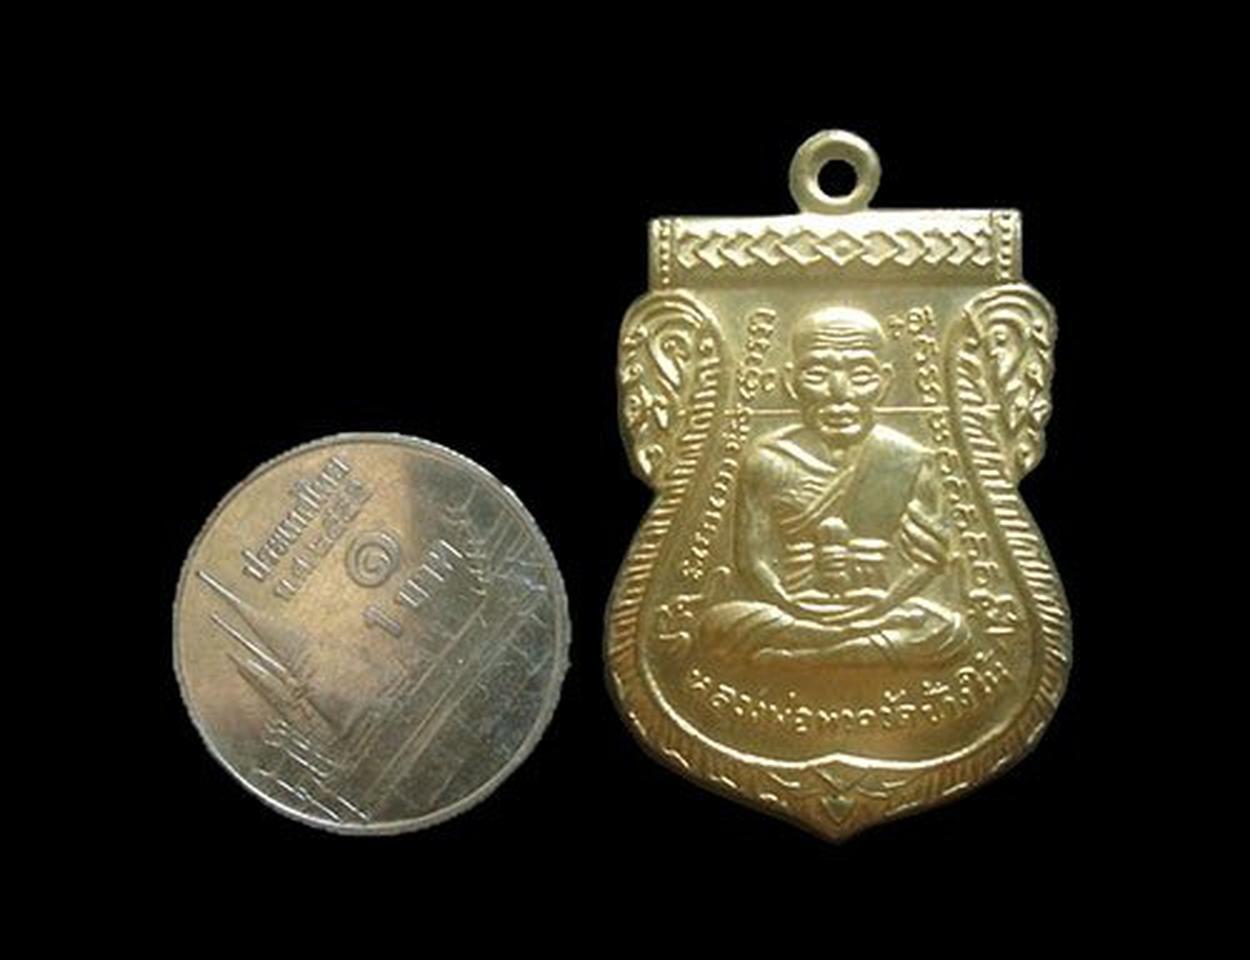 เหรียญหลวงปู่ทวด 100ปี อาจารย์ทิม วัดช้างให้ ปัตตานี 2555 รูปที่ 3